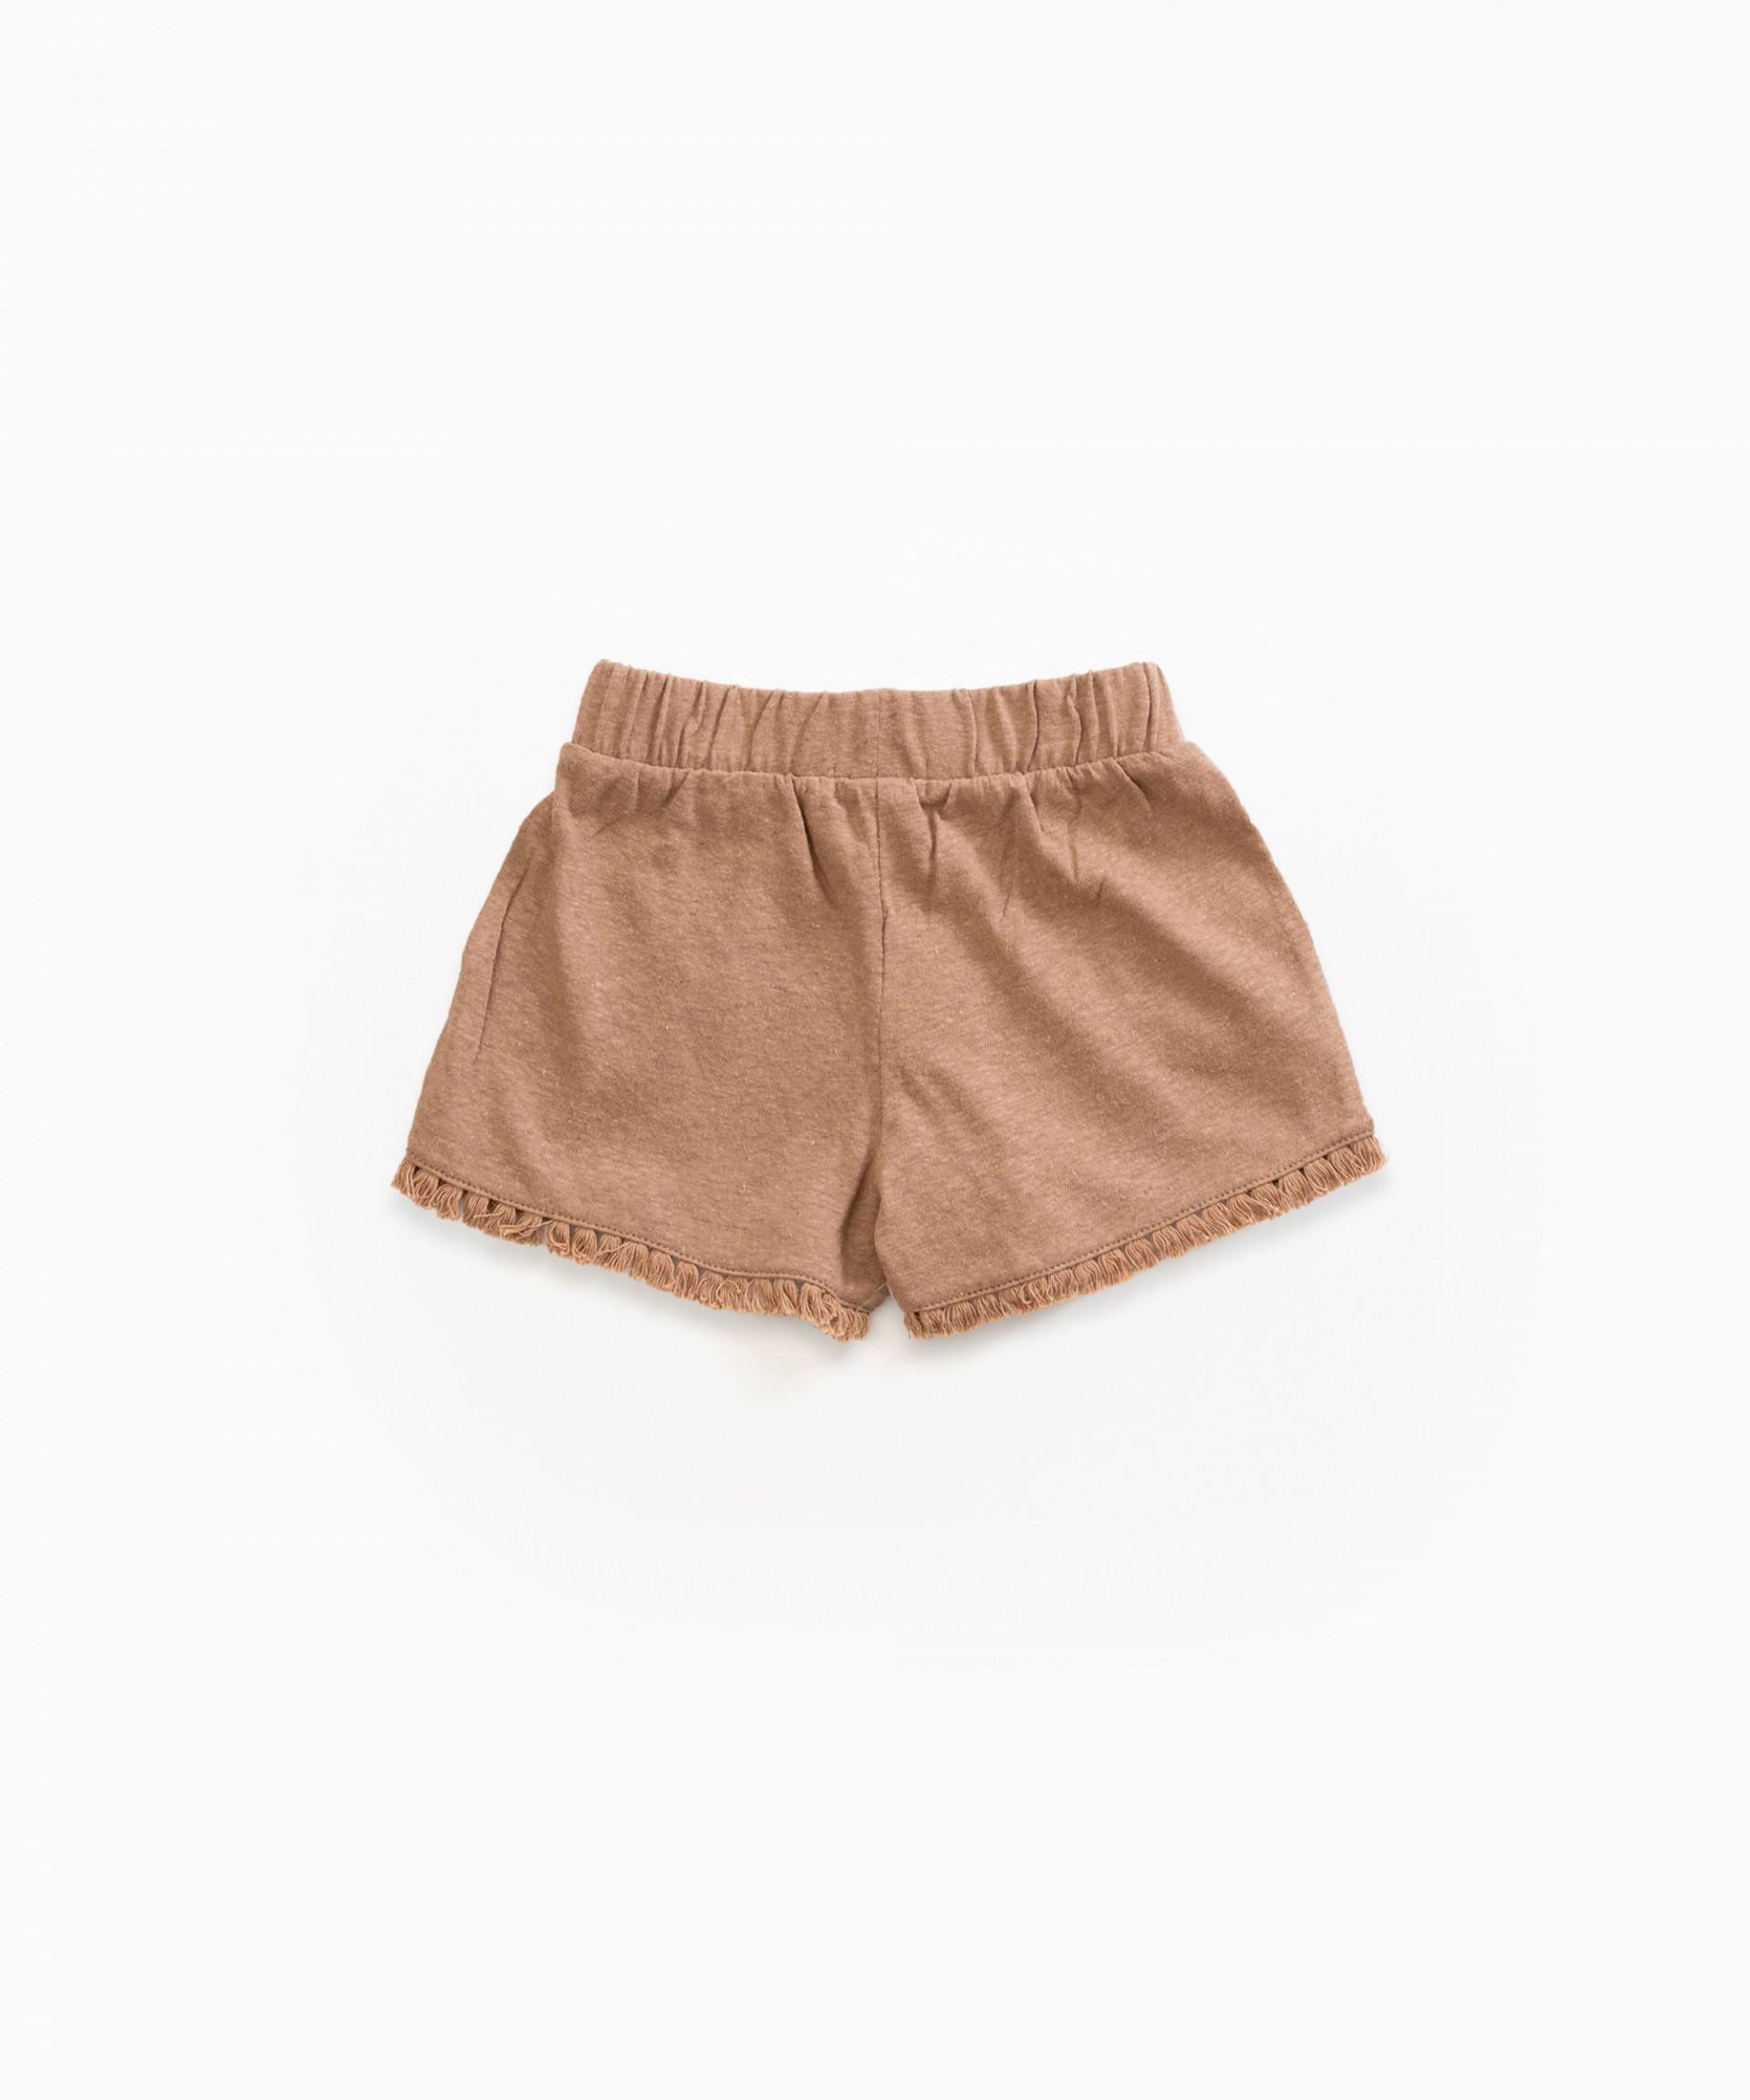 Pantalón corto de algodón orgánico y lino | Weaving